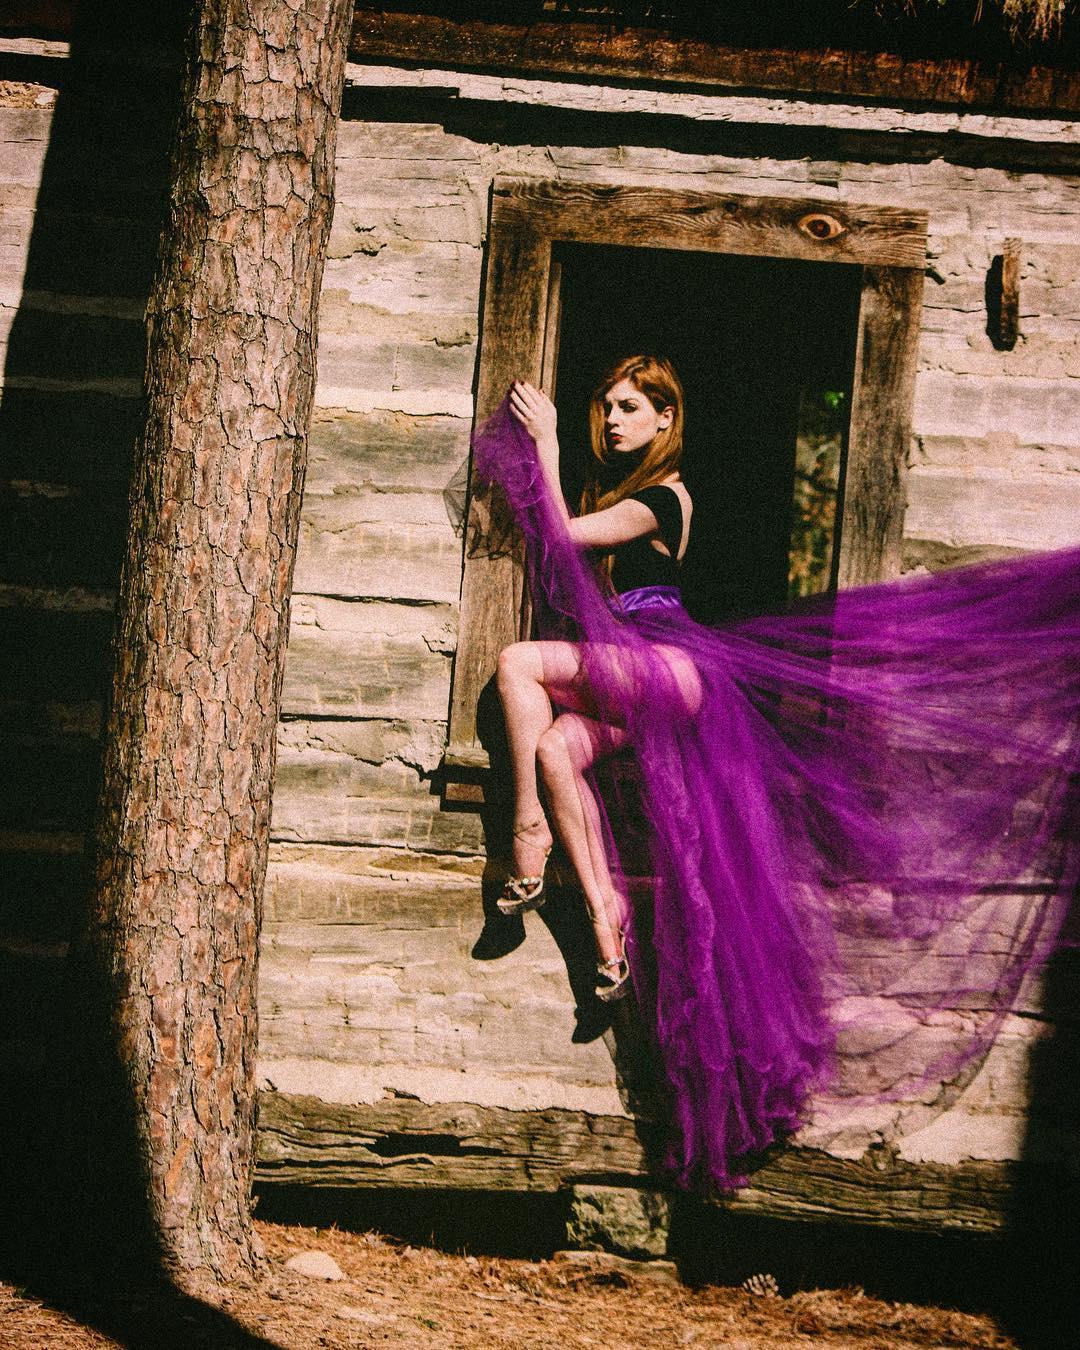 Raven Walton